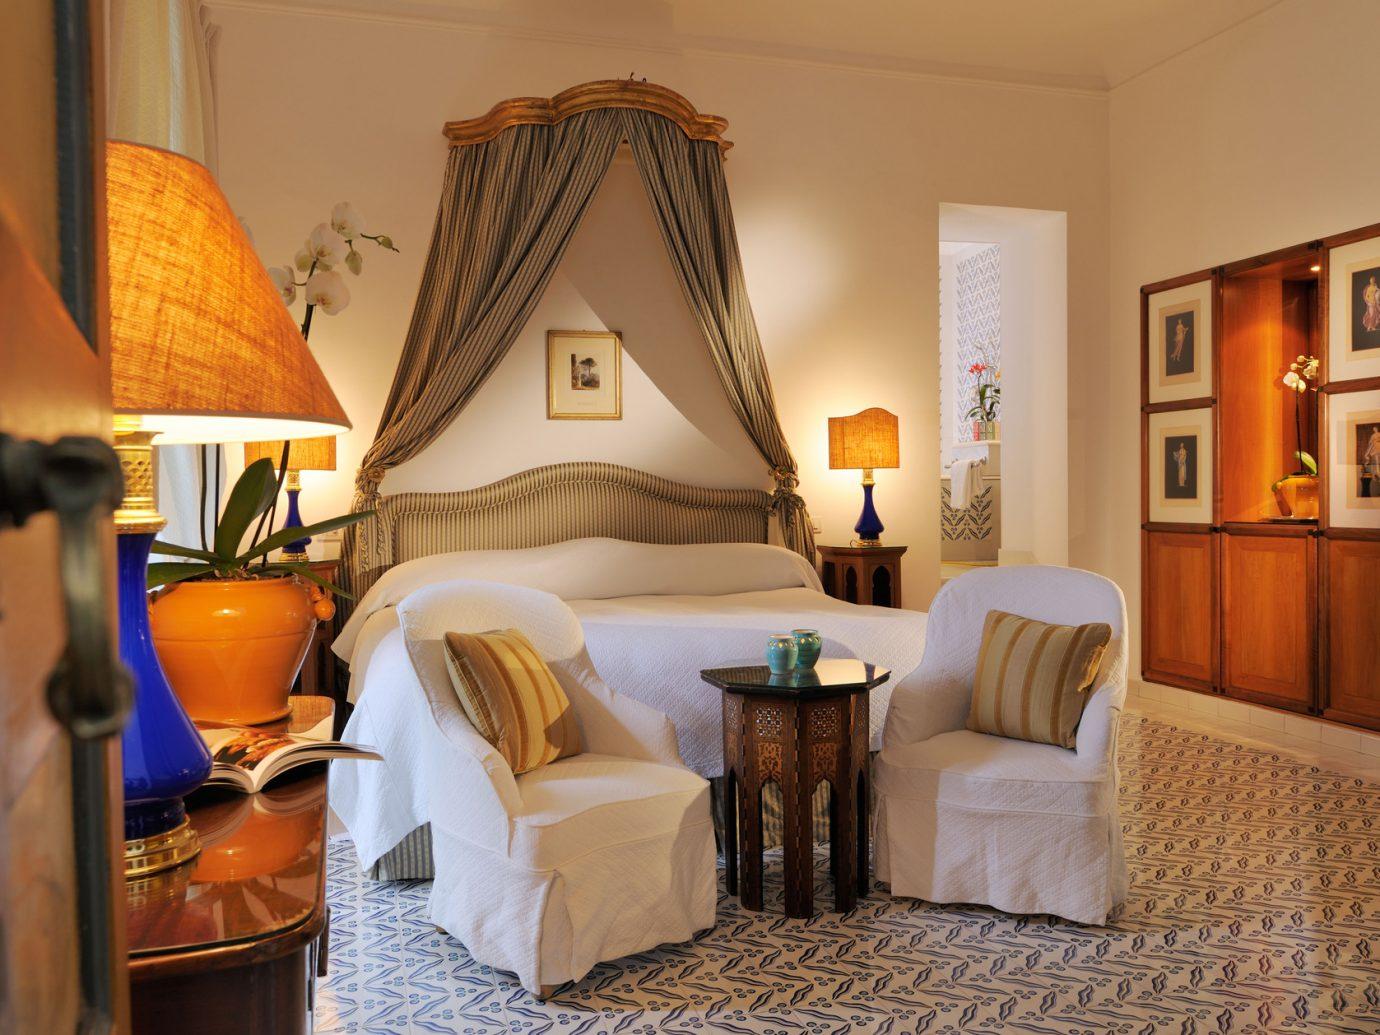 Bedroom at Le Sirenuse